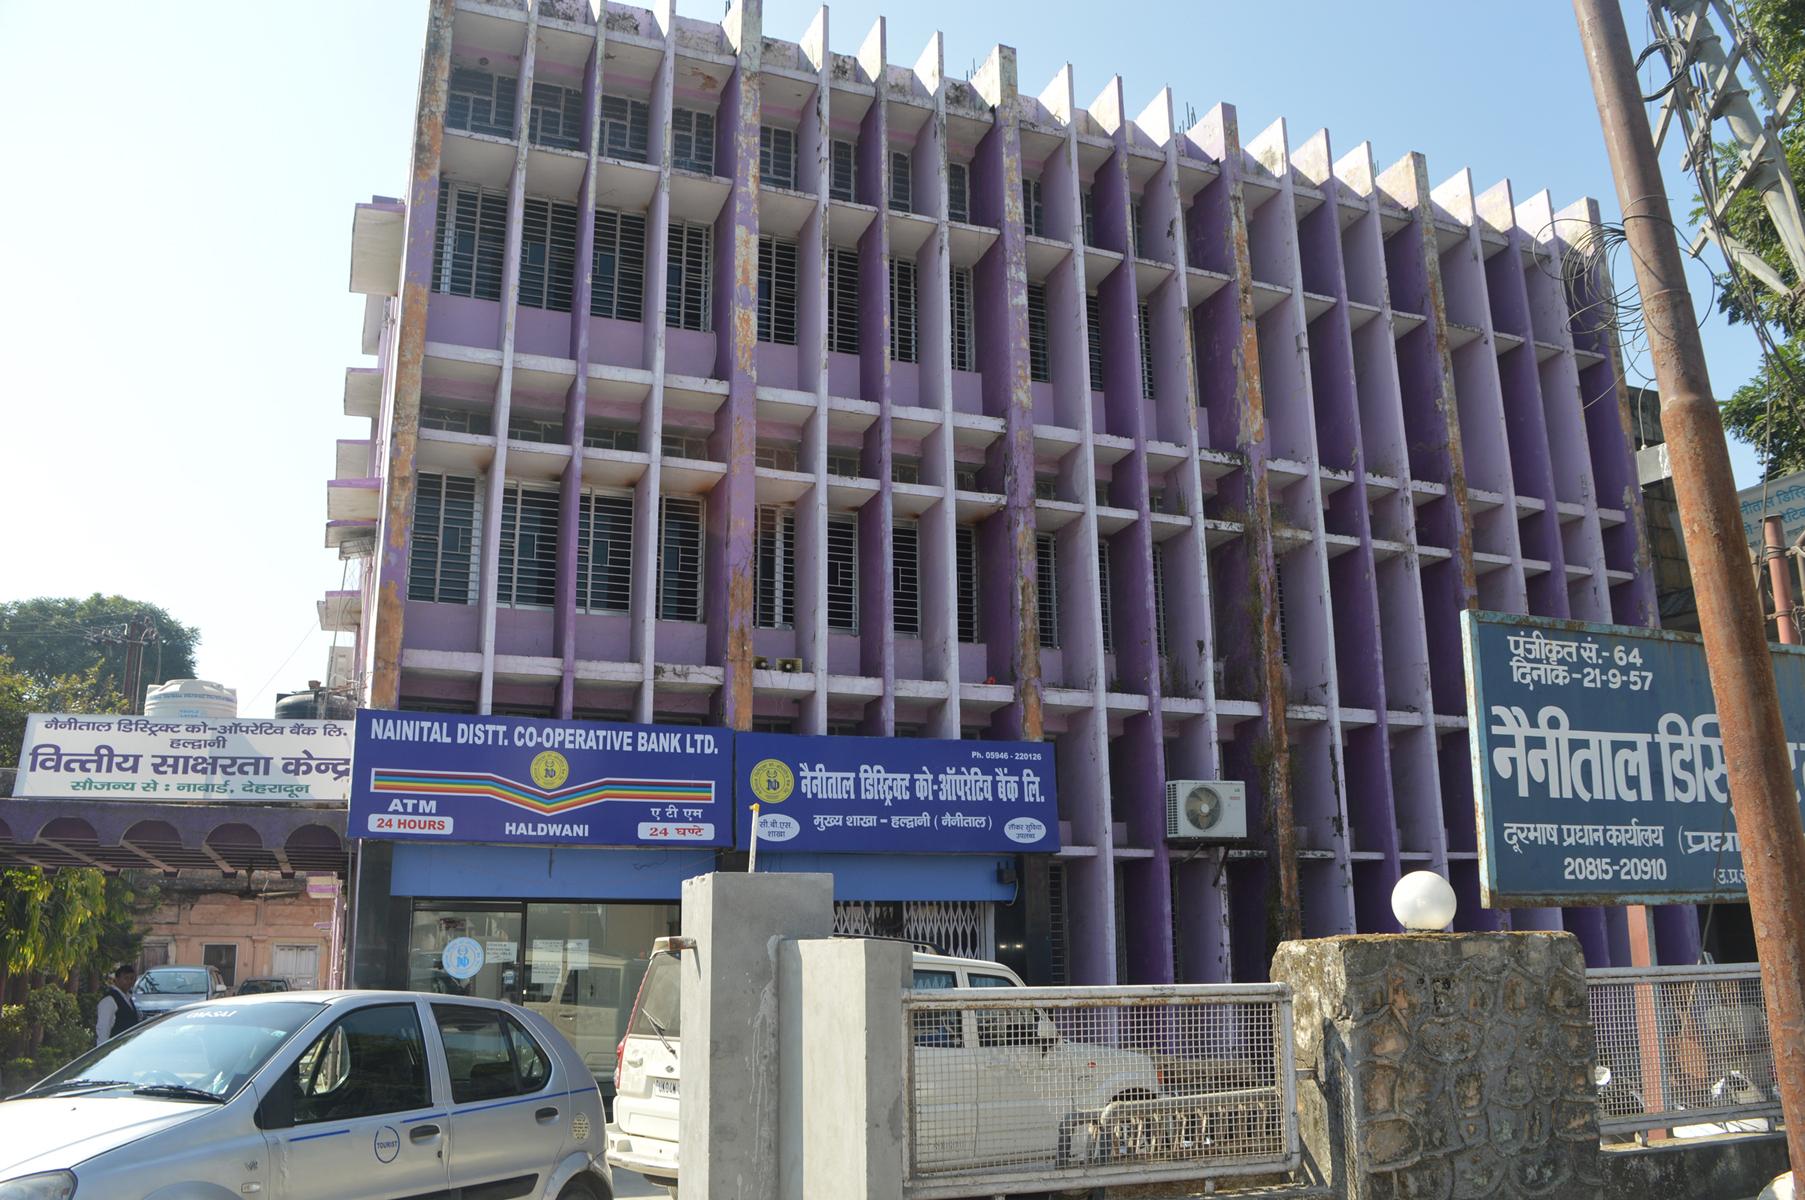 nainital cooperative bank